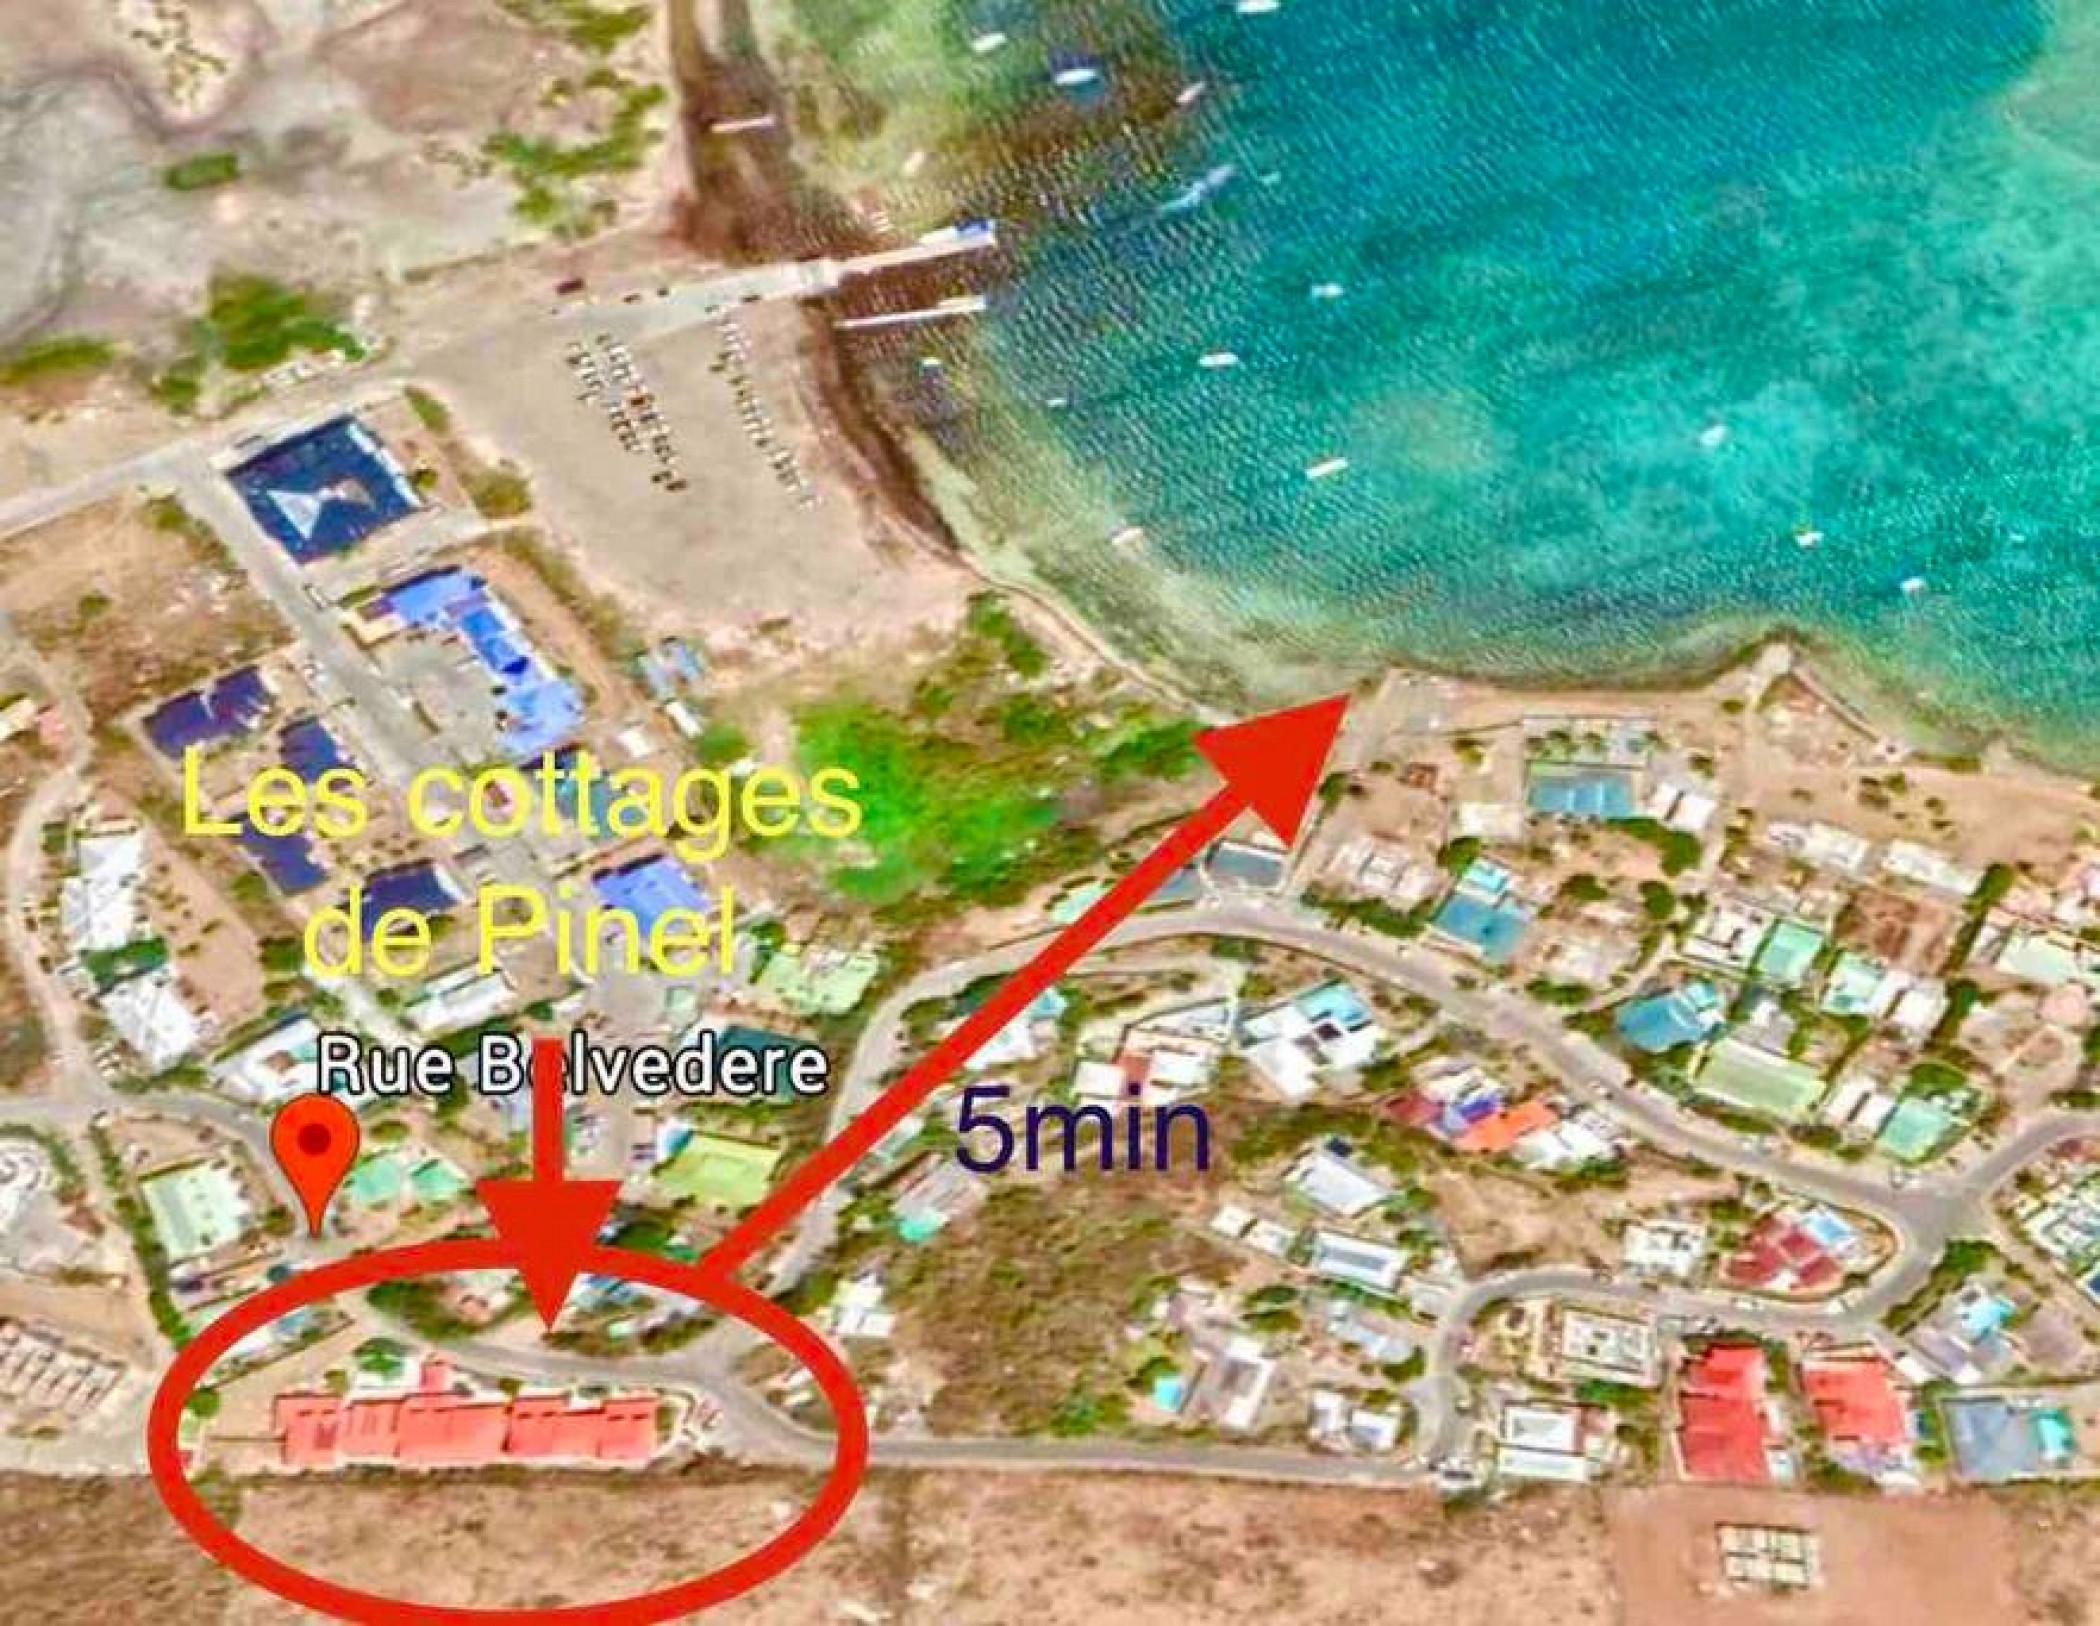 Belle suite S6 à 300m de la mer avec piscine à Cul de sac, Wifi haut débit